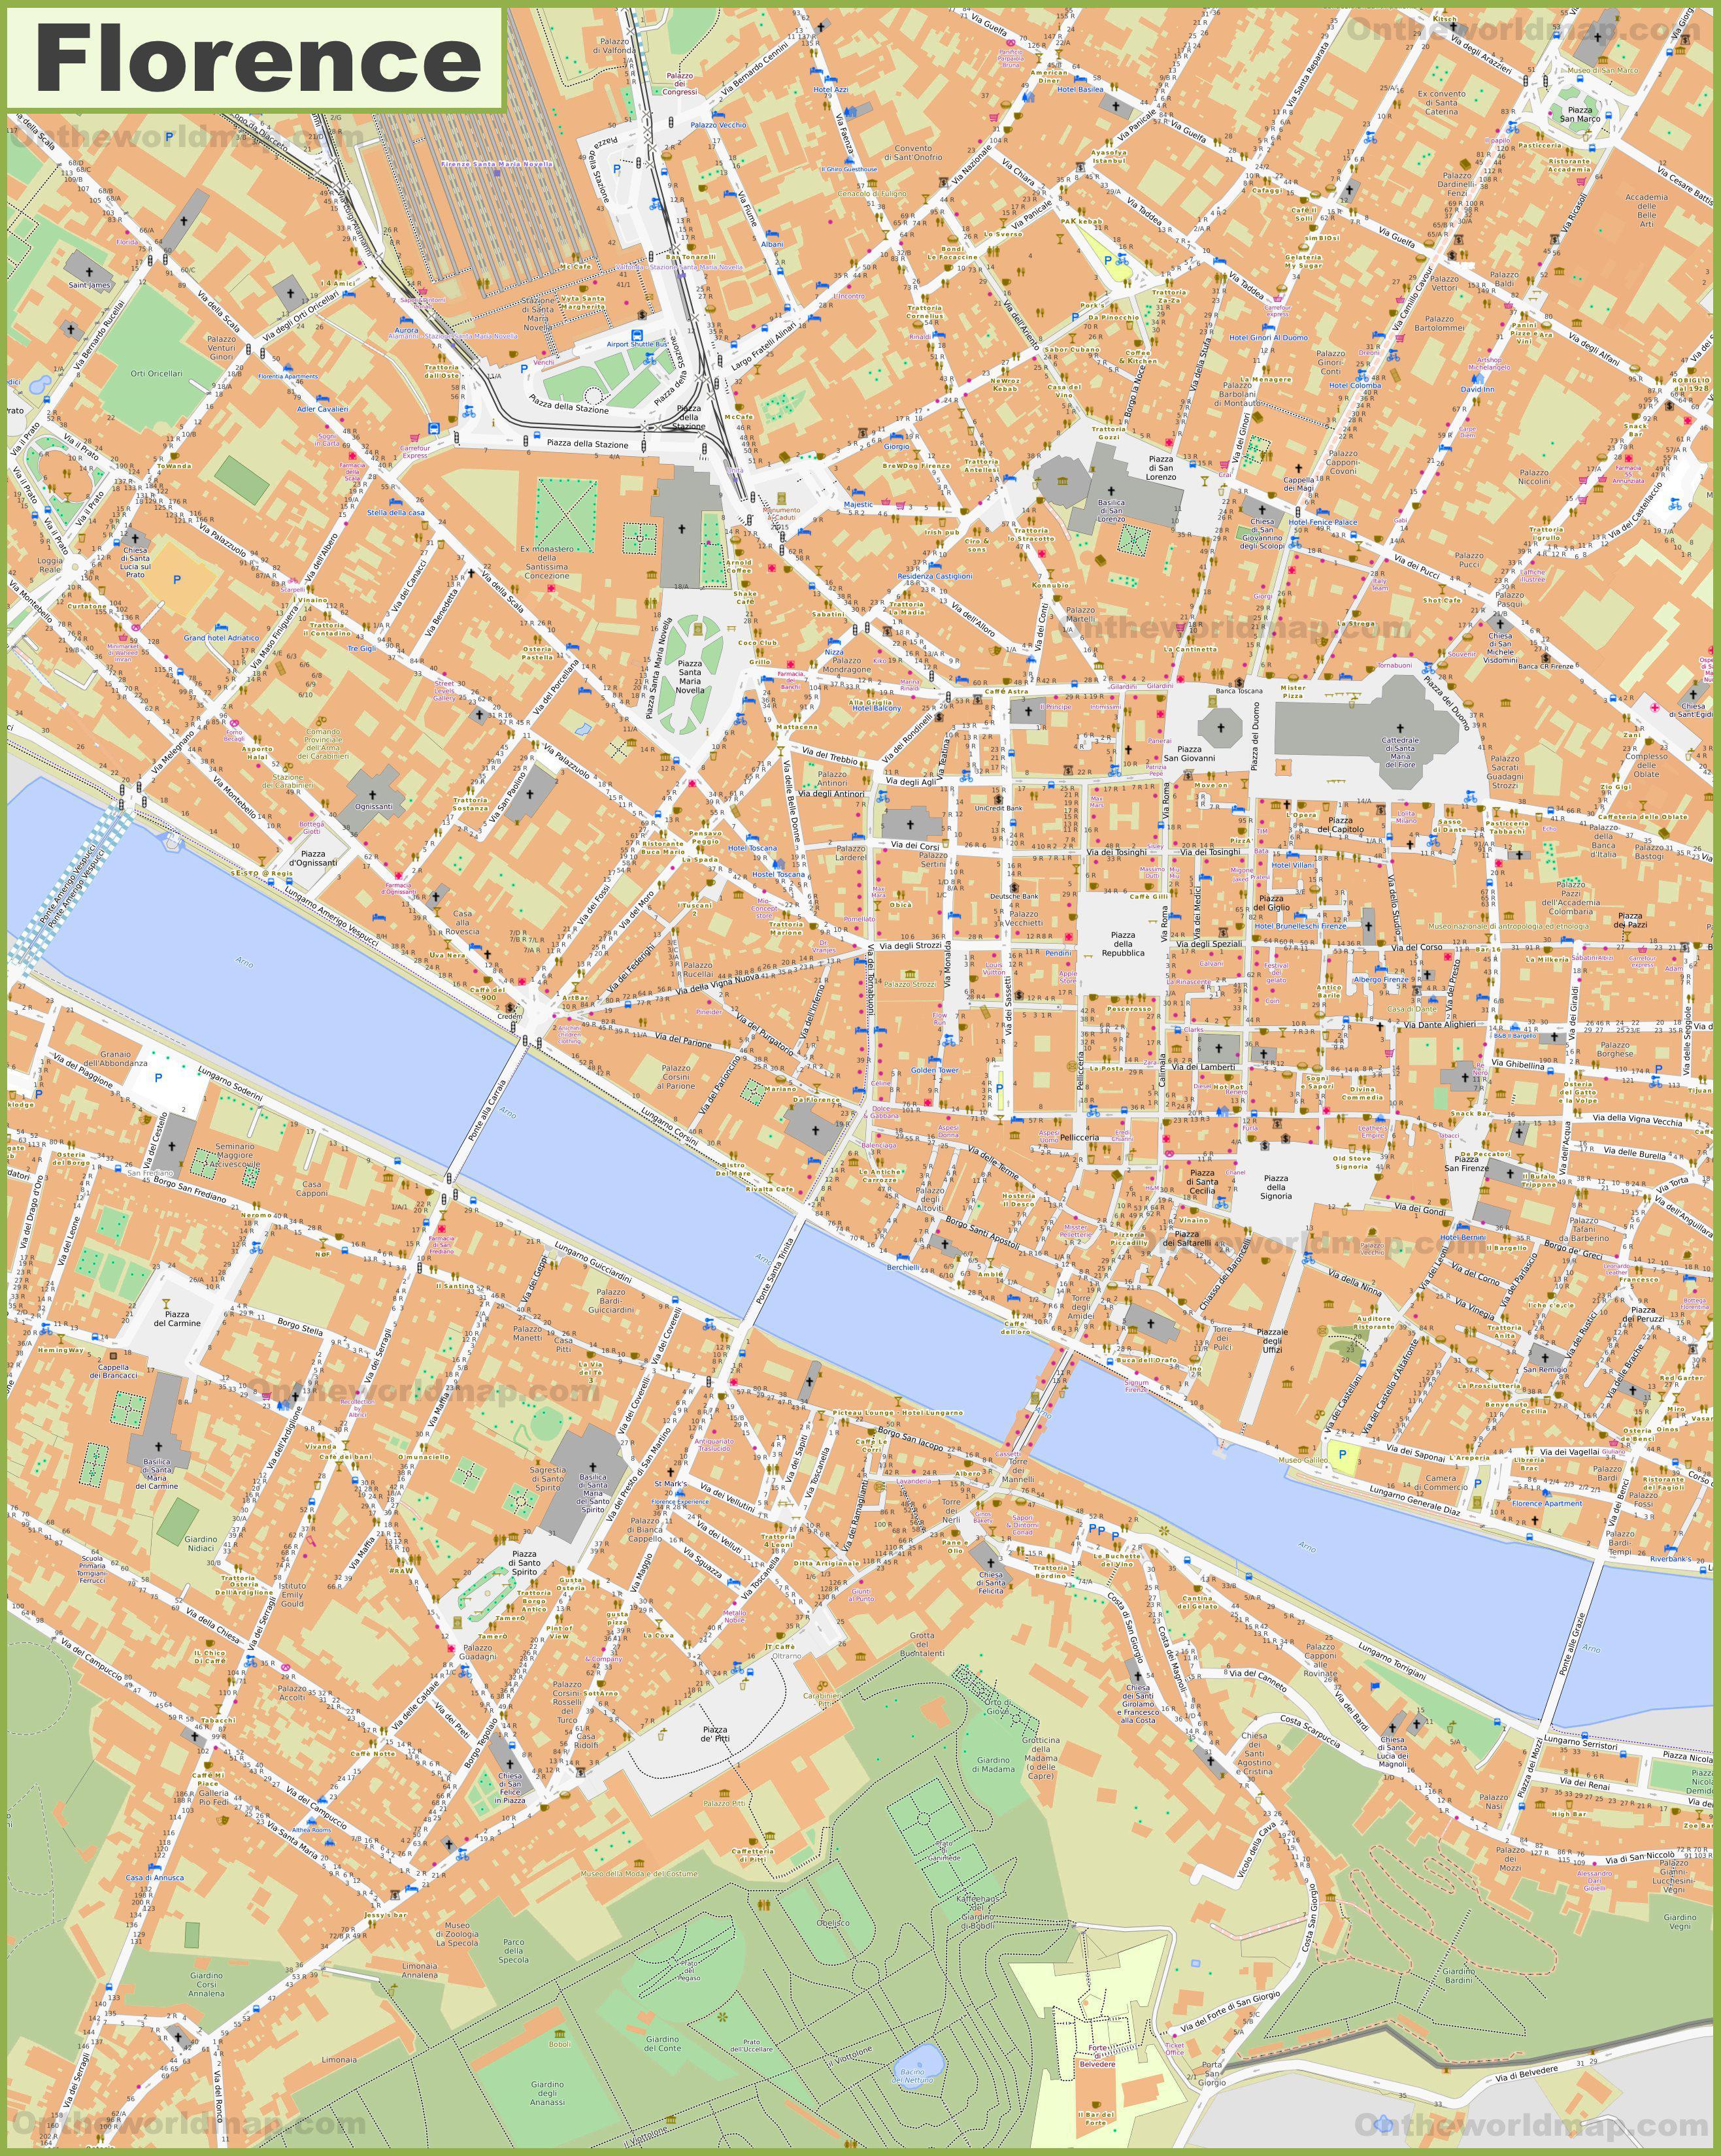 Carte de Florence en Italie - Découvrir plusieurs plans de la ville